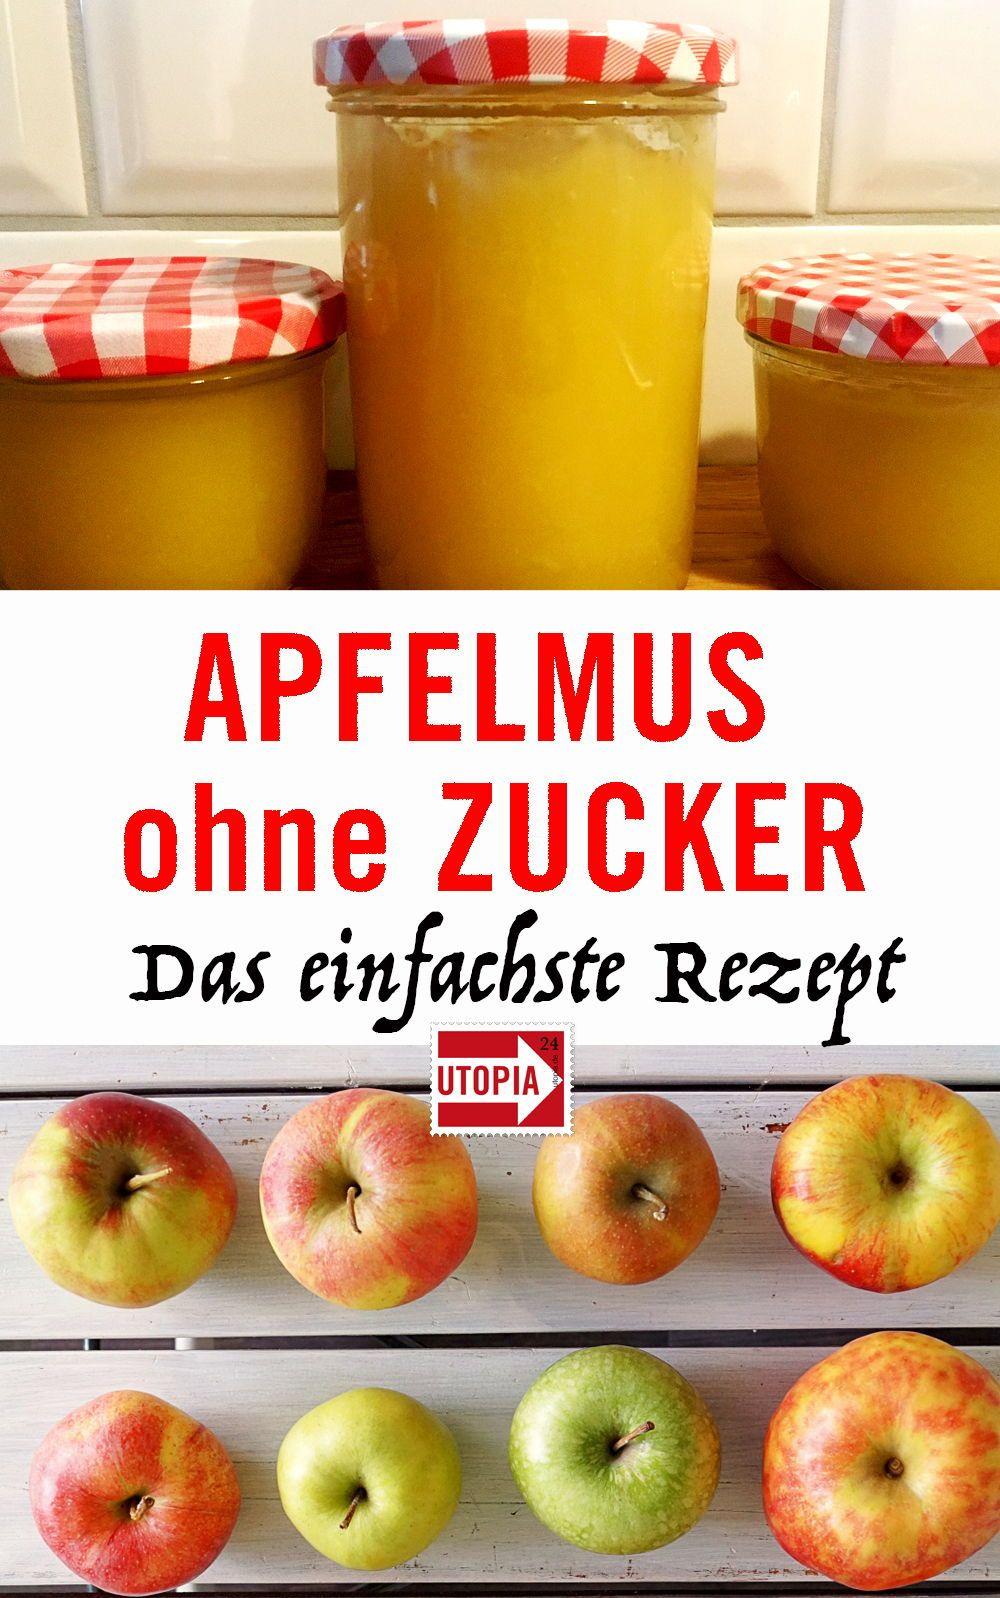 Apfelmus selber machen: Einfaches Rezept ohne Zucker - Utopia.de